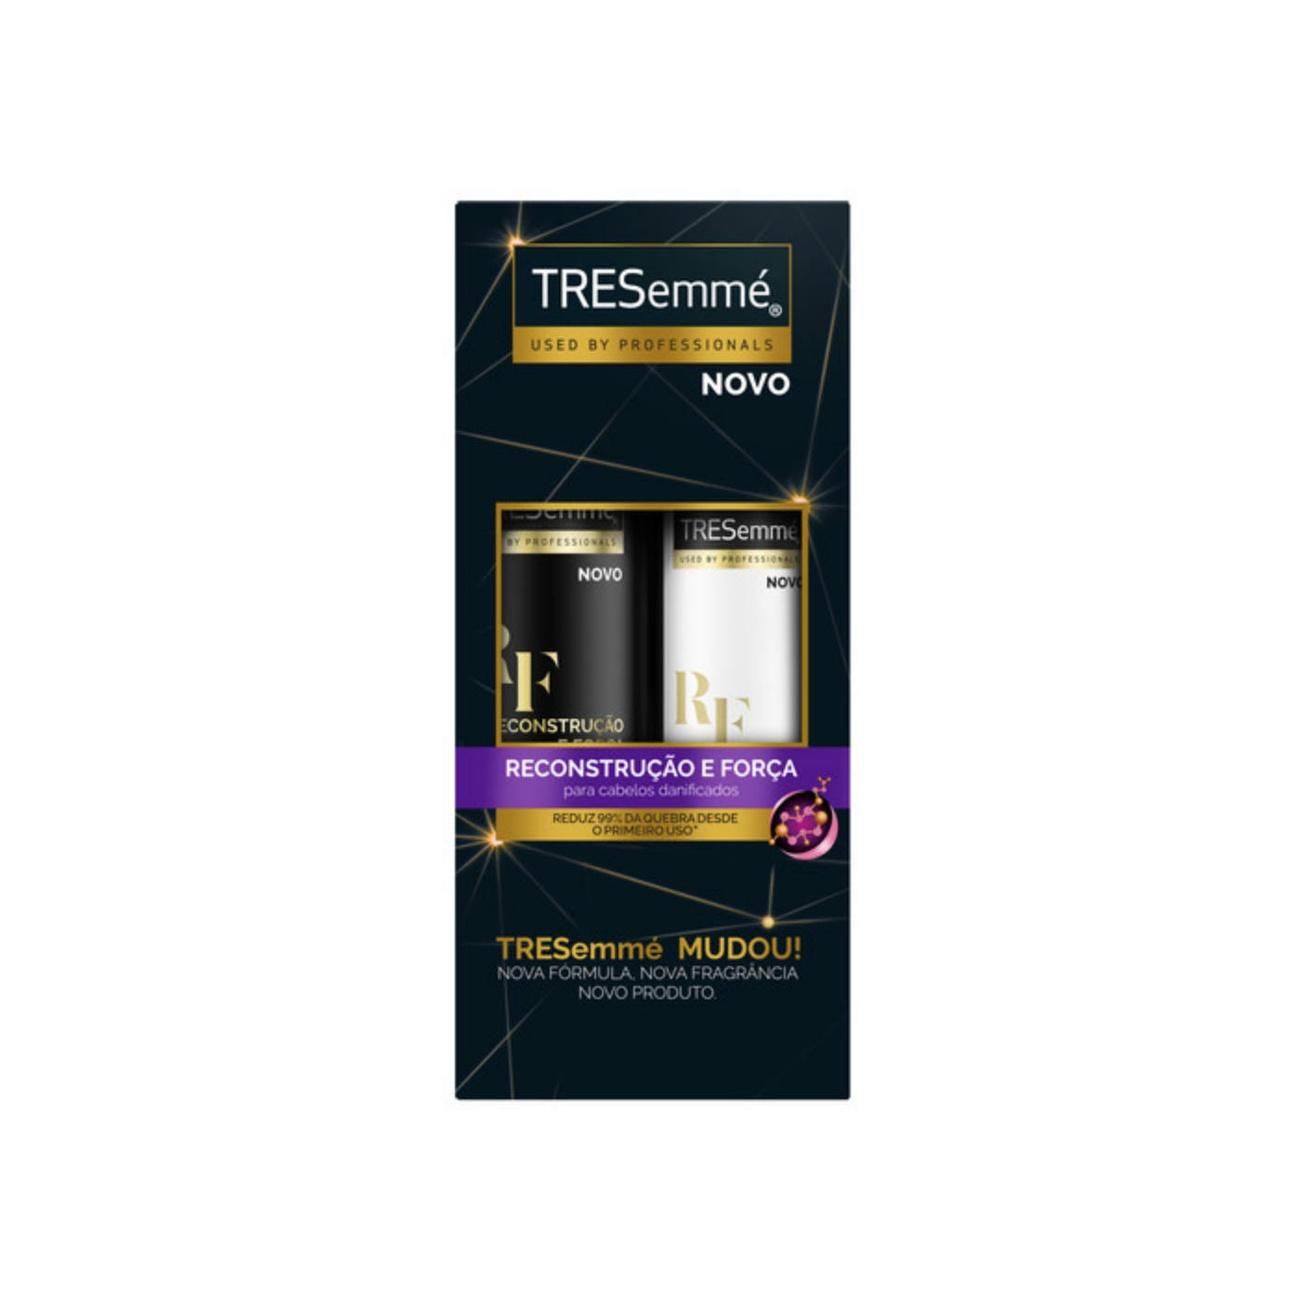 Oferta Tresemmé Shampoo Reconstrução e Força 400ml + Condicionador 200ml